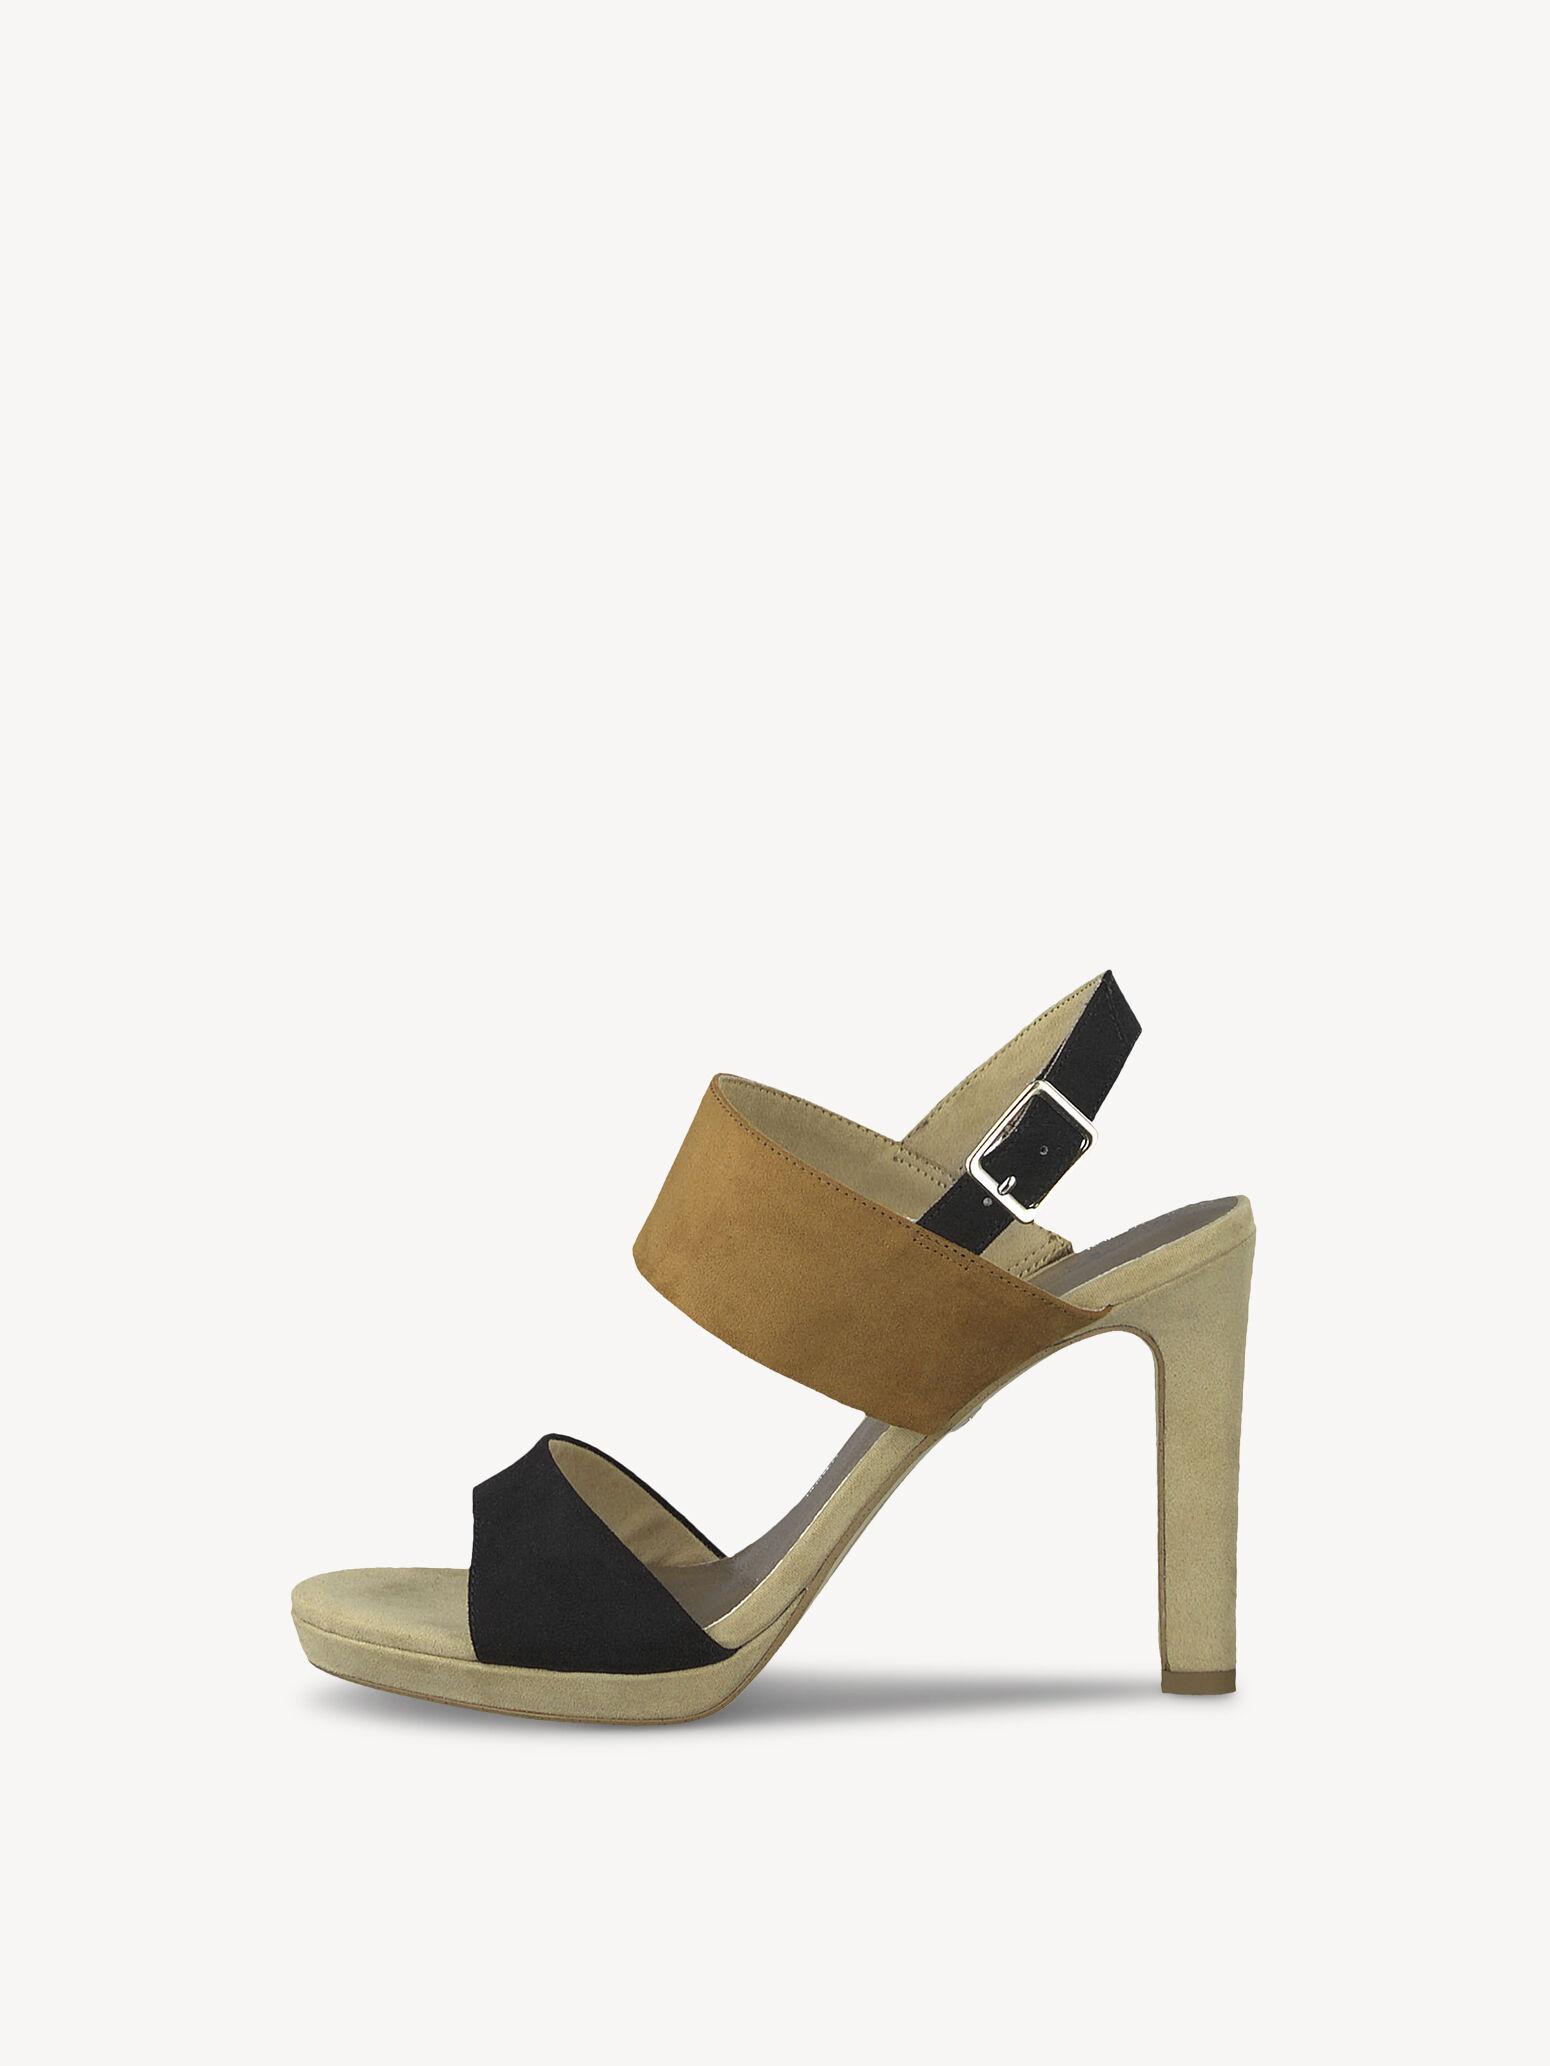 Tamaris Damenschuhe Braun Damen Für Sandaletten Kaufen Online In WEHD2YeI9